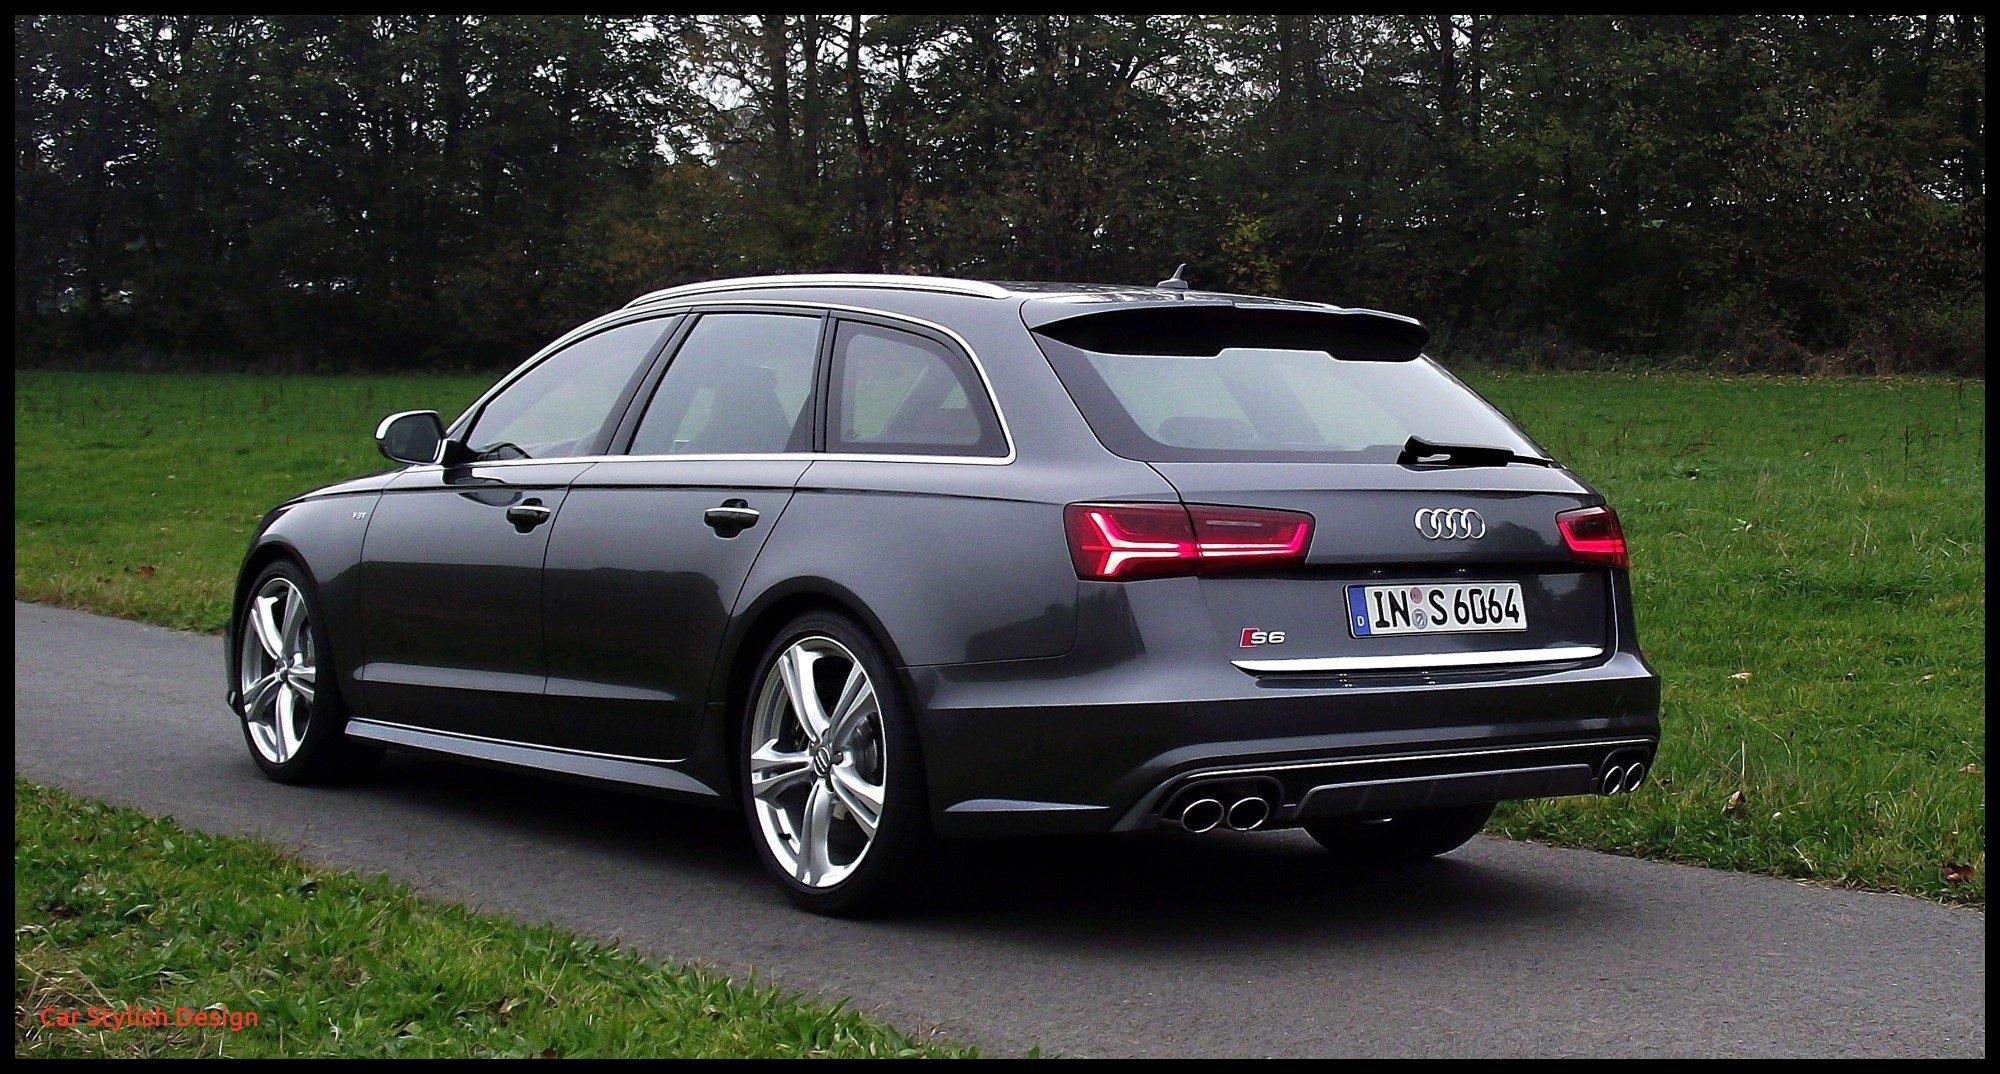 Audi S6 Unique Audi A6 Iv C7 Facelift Avant 3 0d at 218 Hp Car Technical